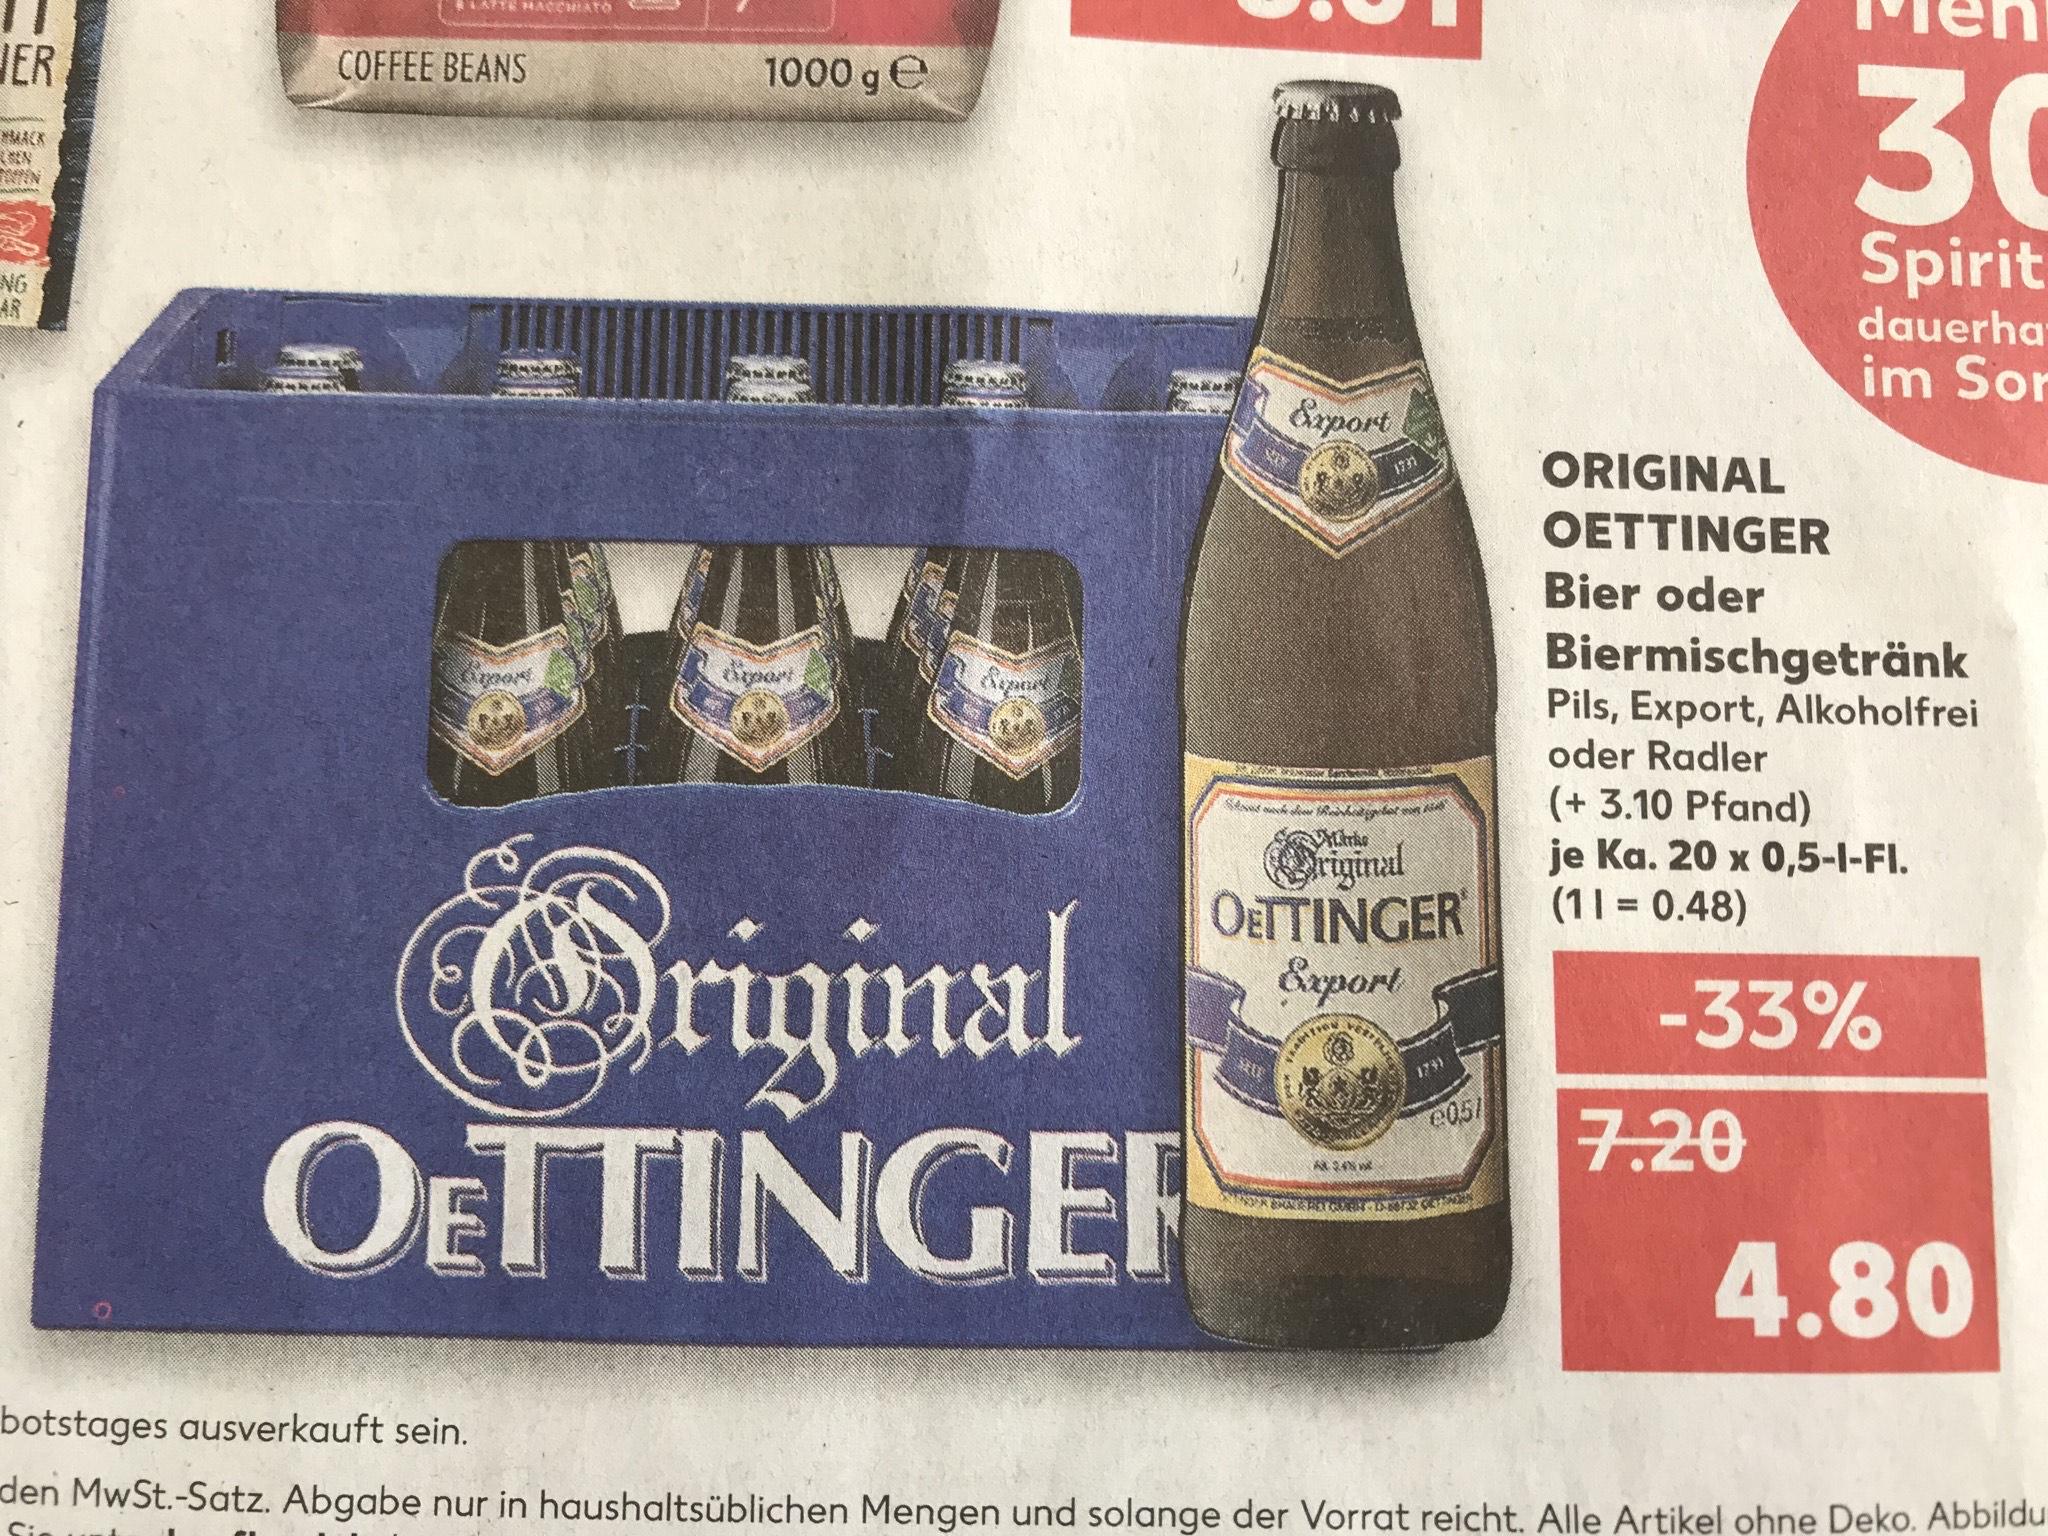 [Lokal Esslingen] Oettinger Bier 20x 0,5 für 4,80 bei Kaufland